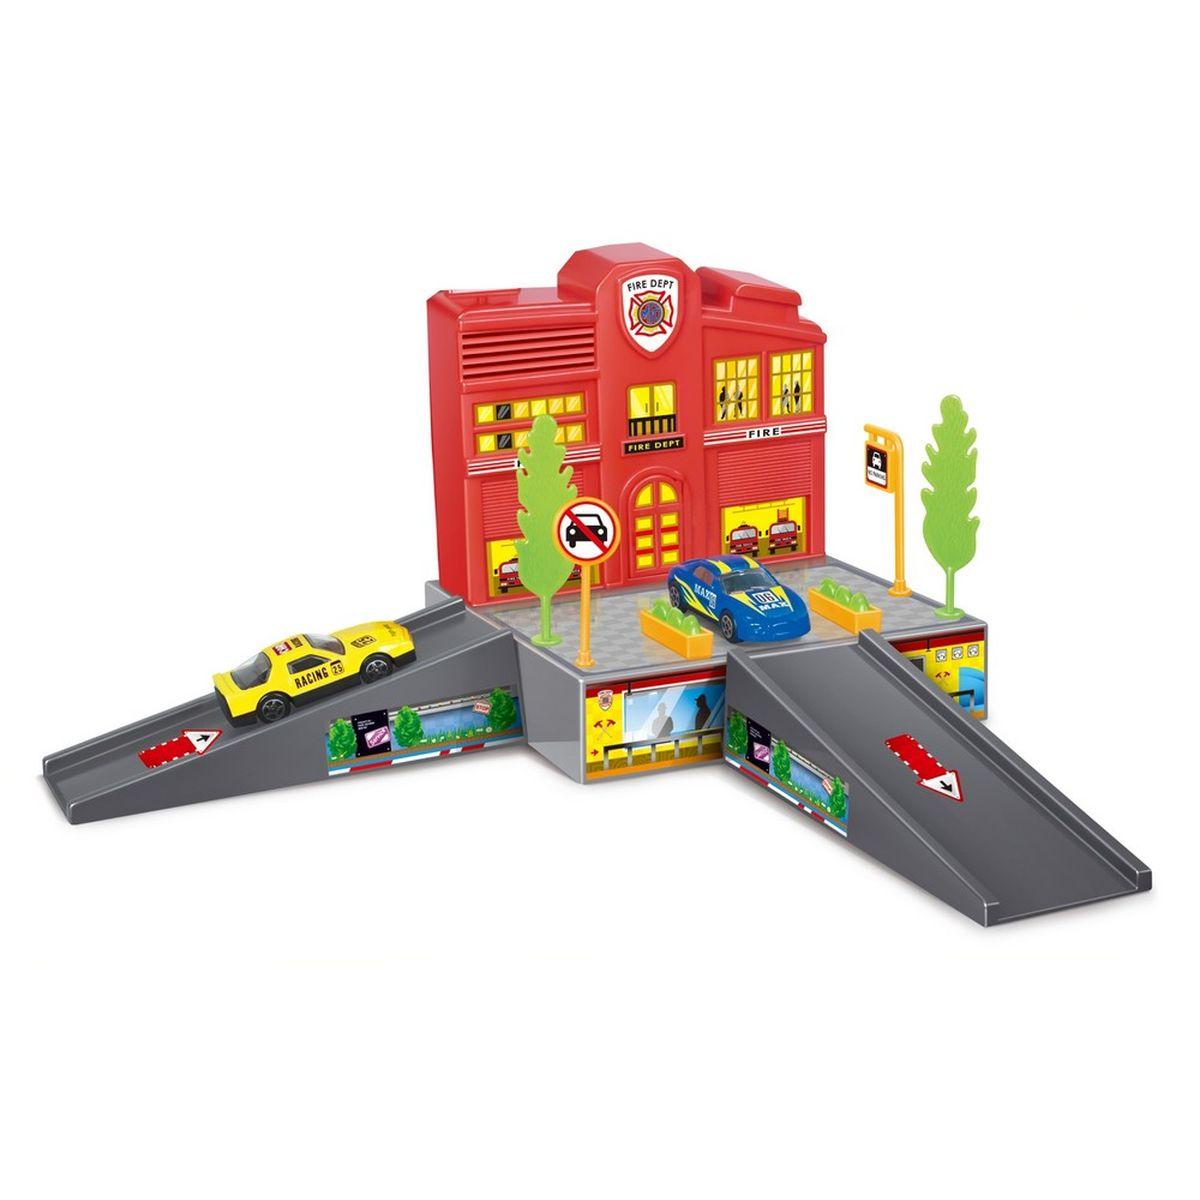 Dave Toy Игровой набор Пожарная станция32018Игровой набор Dave Toy Пожарная станция - это будет отличное приобретение для вашего малыша. Все детали игрового набора выполнены из качественного безопасного для детей материала. На небольшой платформе располагается пожарная станция красного цвета с окошками, в которых горит свет. Там располагаются зеленые деревья, клумбы с цветами и дорожные знаки. В нижней части прорисована мастерская для пожарных машин, в которой видны силуэты людей. Подъем и спуск с платформы выполнен в виде мостика серого цвета, направление движения отмечено стрелочками. В комплекте со станцией идет 1 металлическая машинка синего цвета и лист с наклейками для украшения станции. Сама станция выполнена в приятных красных. Играя в этот игровой набор, ваш ребенок сможет весело проводить свое время как один, так и в компании сверстников.